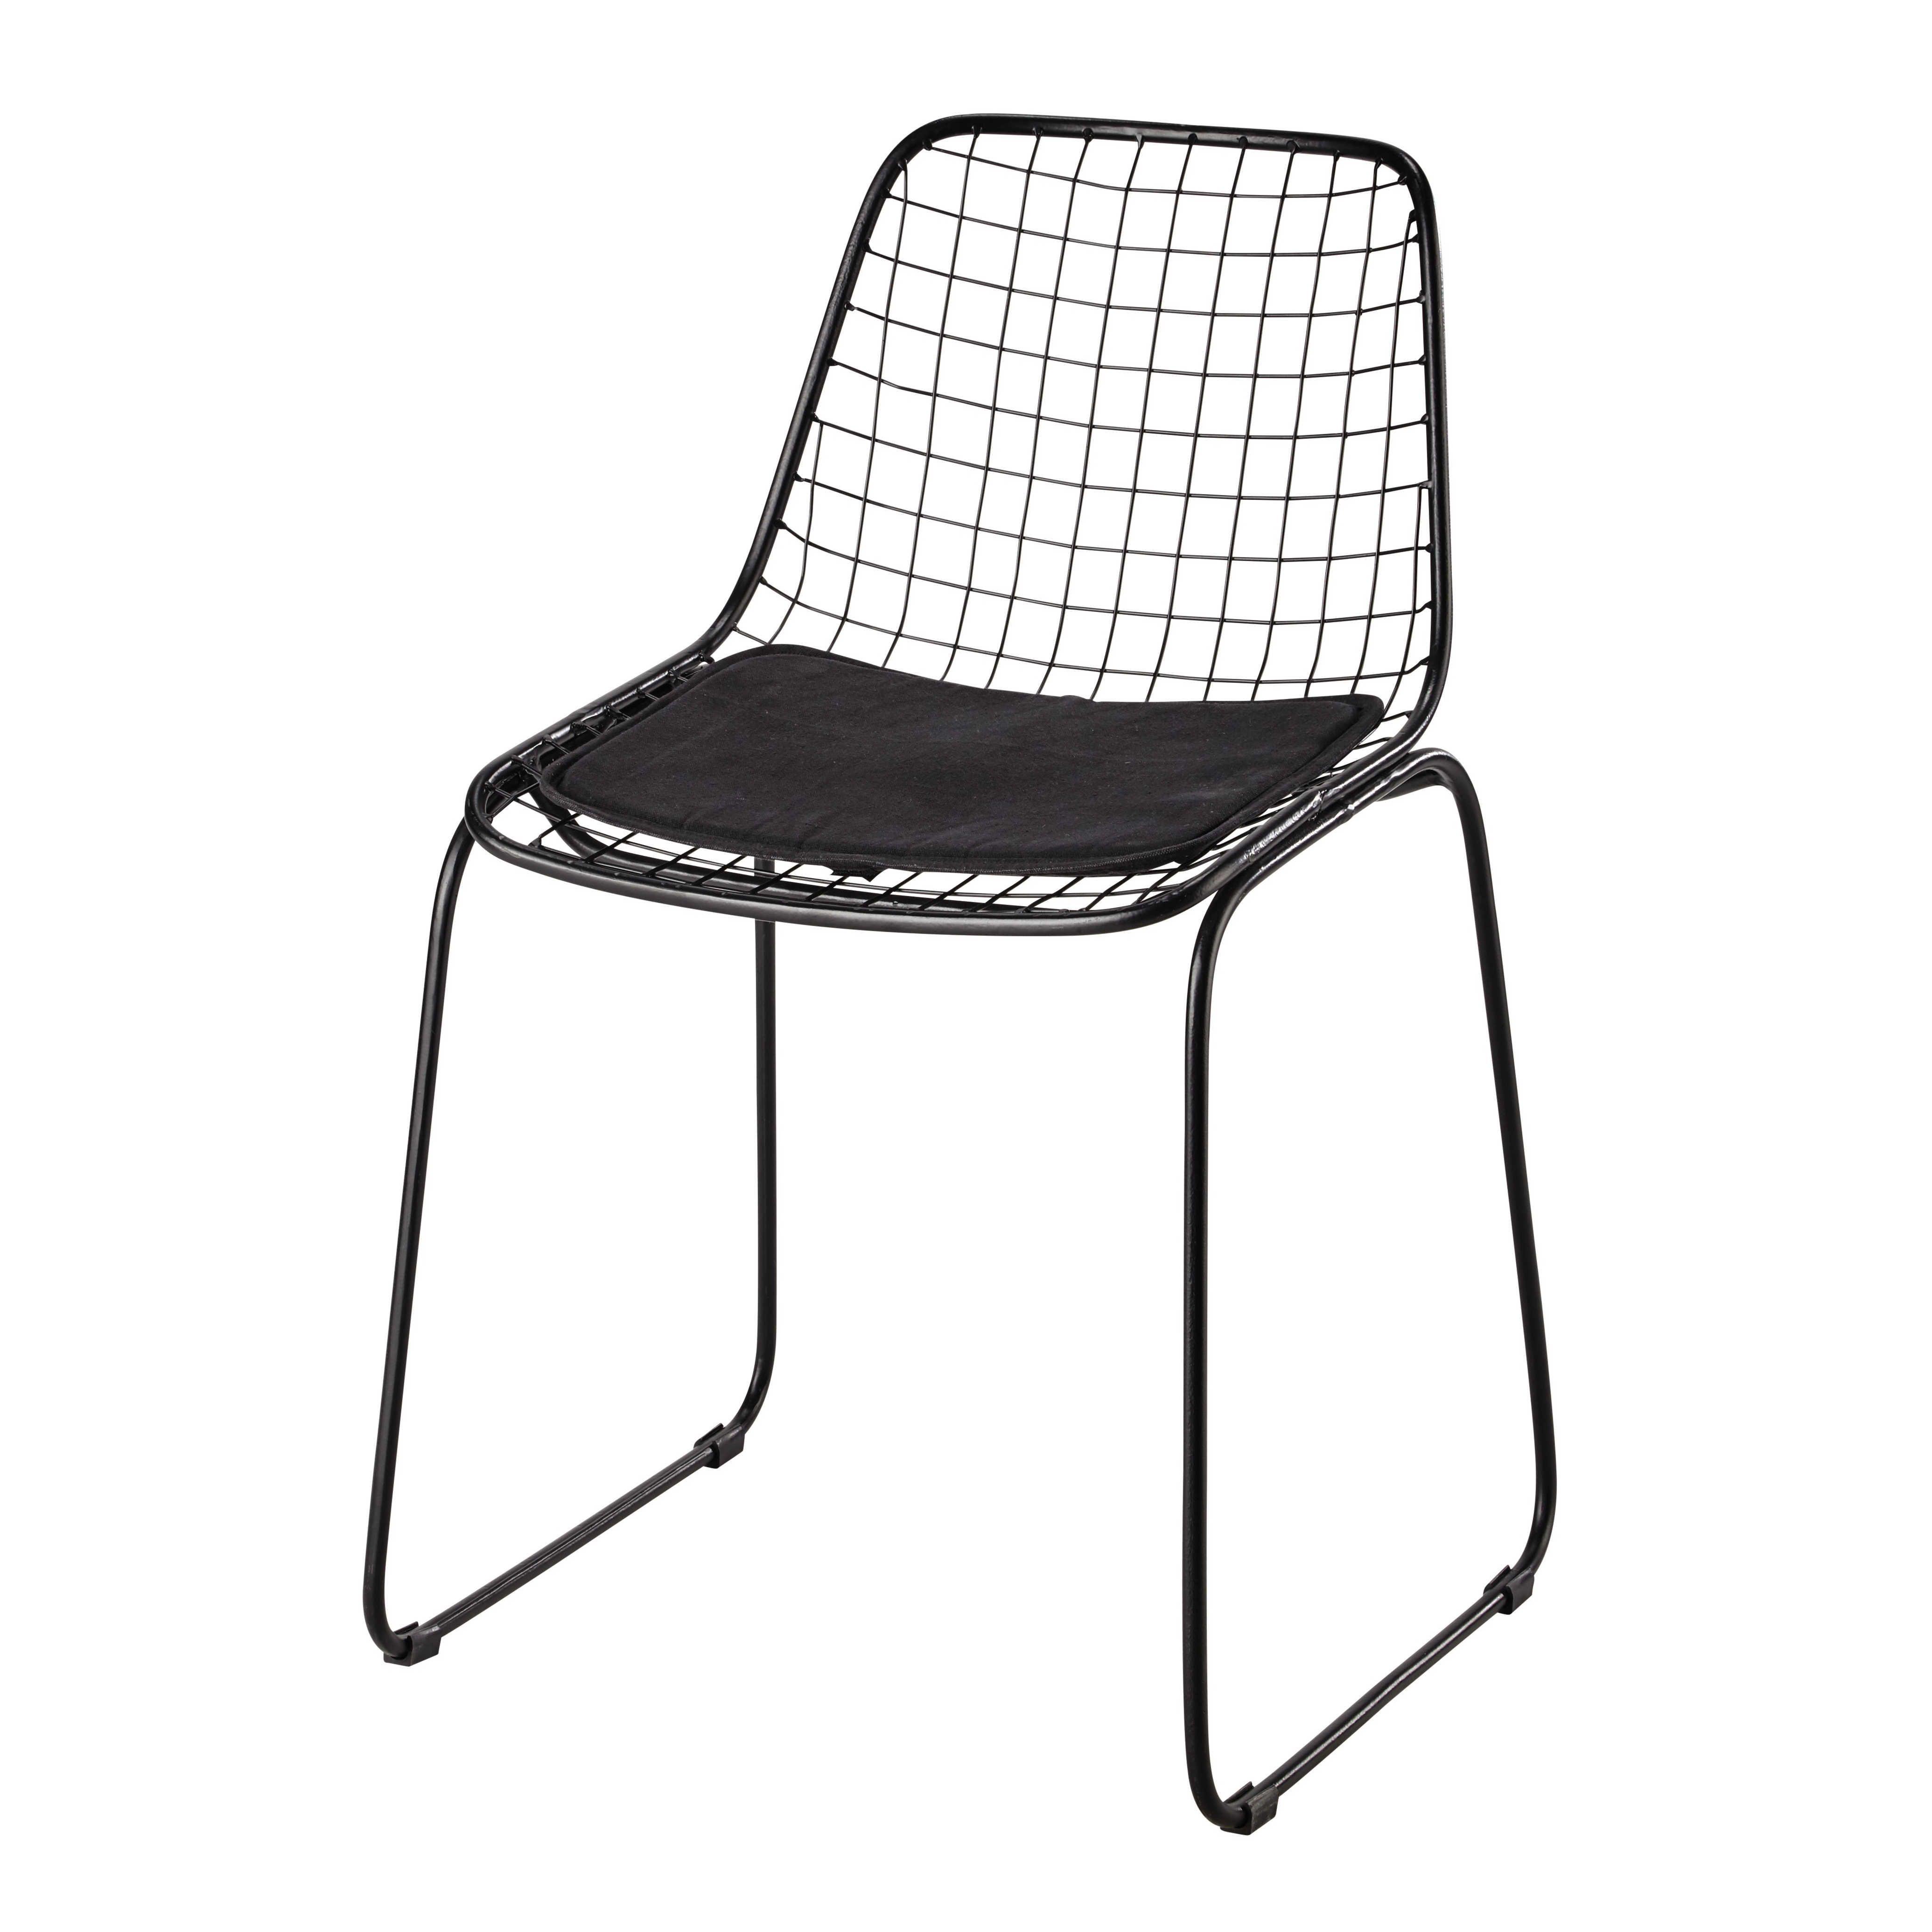 Chaise en m tal noire picpus maison du monde 79 deco - Maisons du monde chaises ...